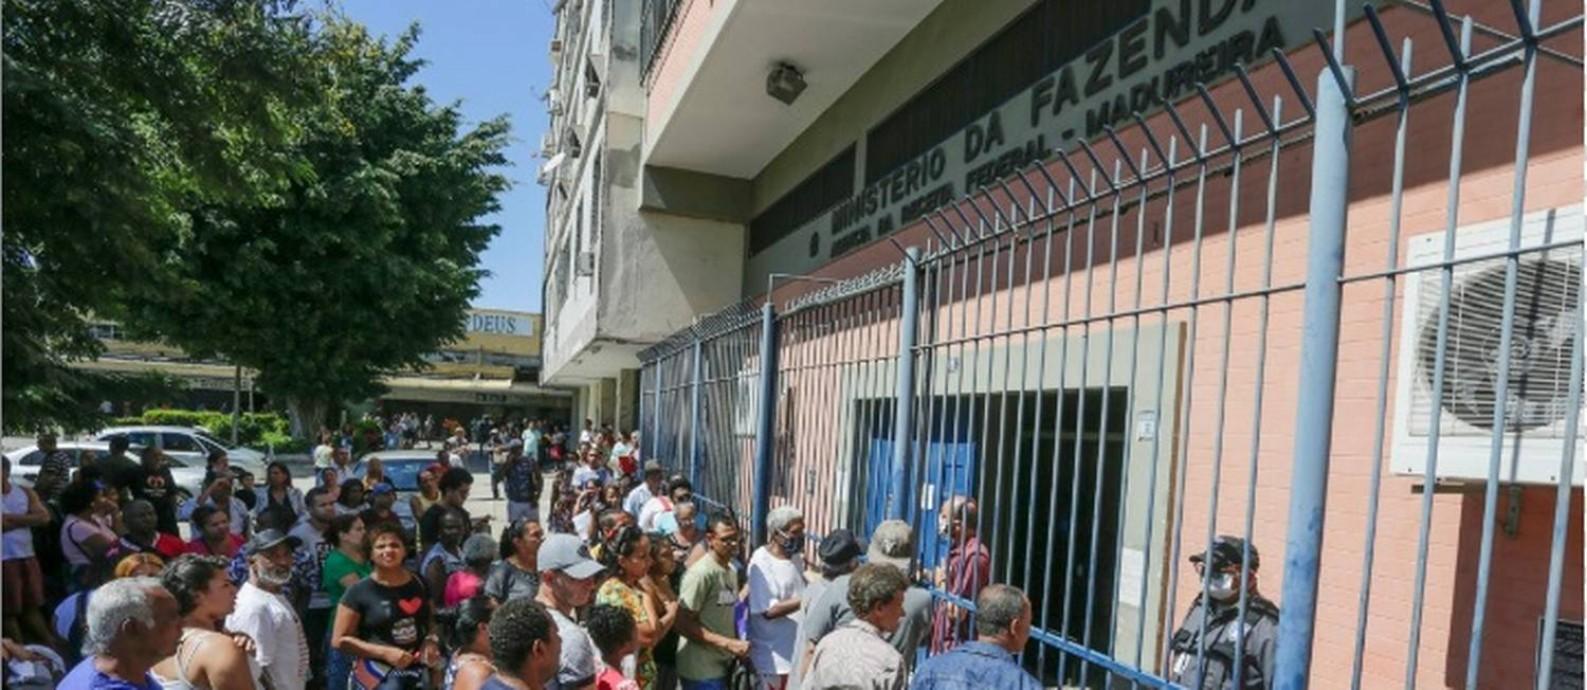 Contribuintes fazem fila em frente ao posto da Receita Federal em Madureira para regularizar o CPF Foto: Gabriel de Paiva/Agência O Globo